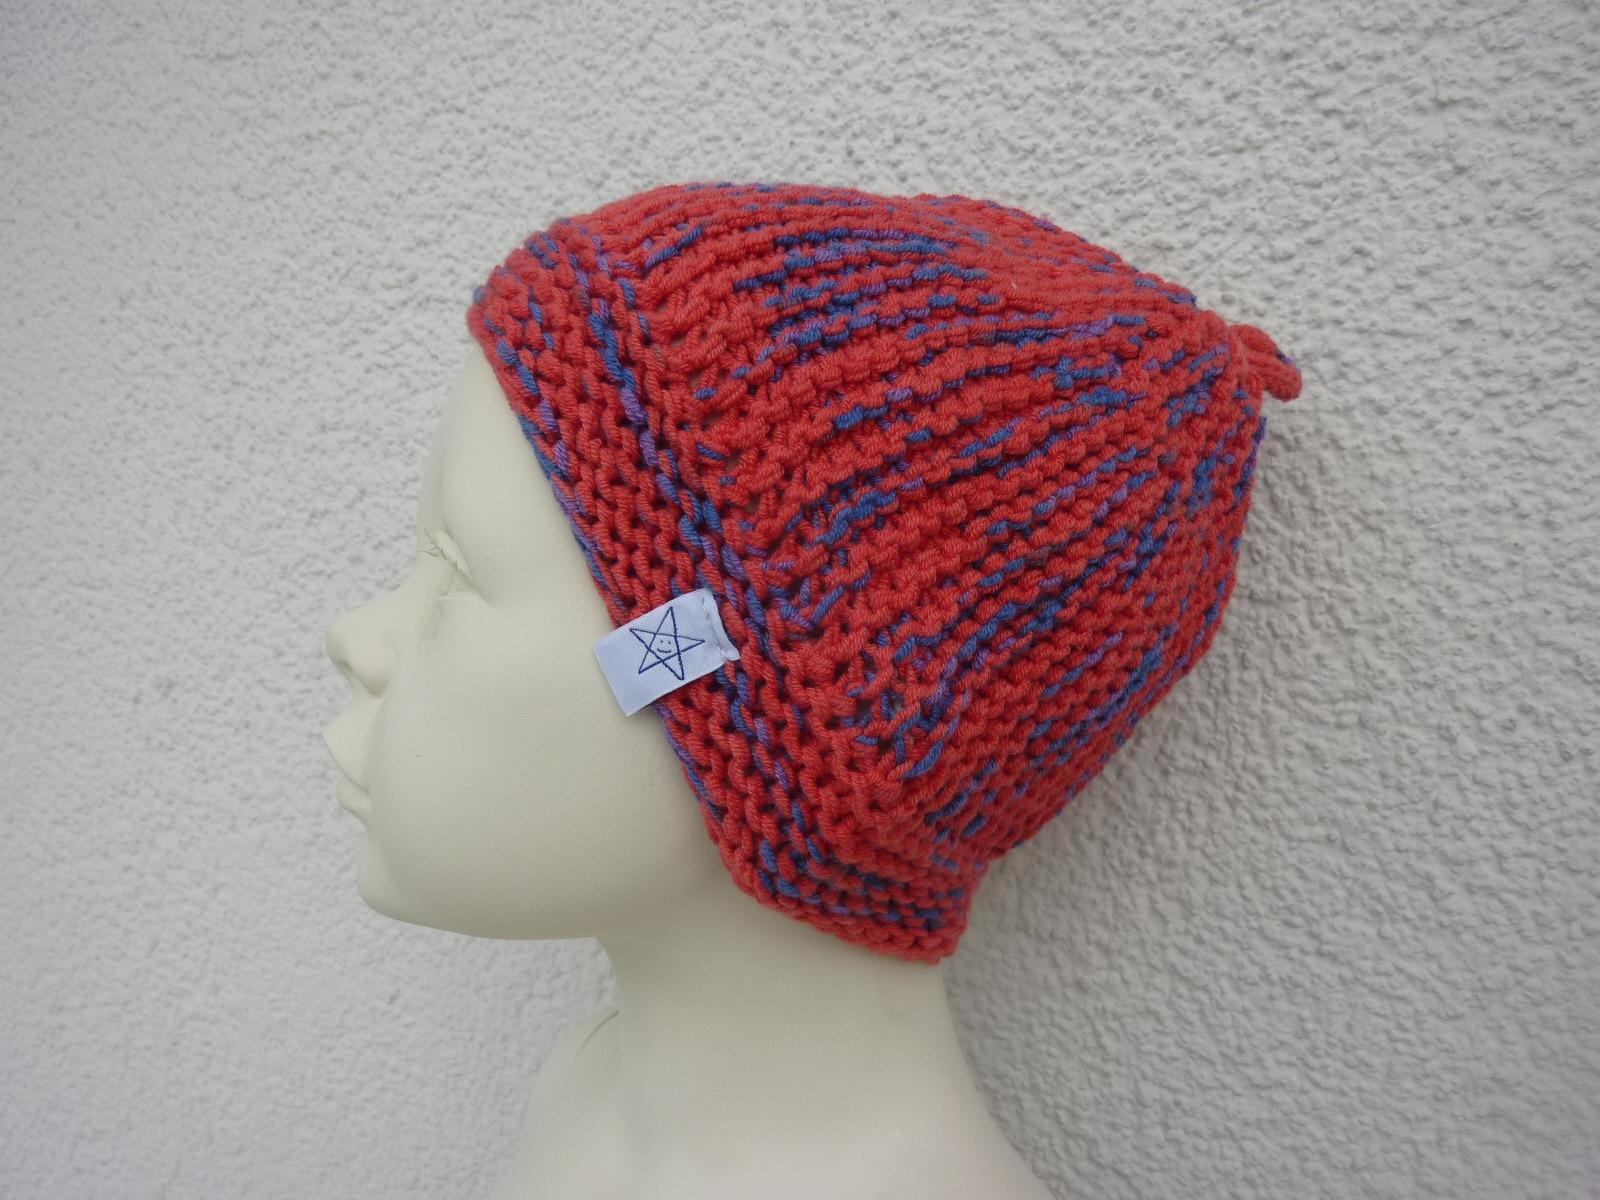 - Babymütze Gr. 41 - 46 Rot Blau aus Baumwolle - Babymütze Gr. 41 - 46 Rot Blau aus Baumwolle